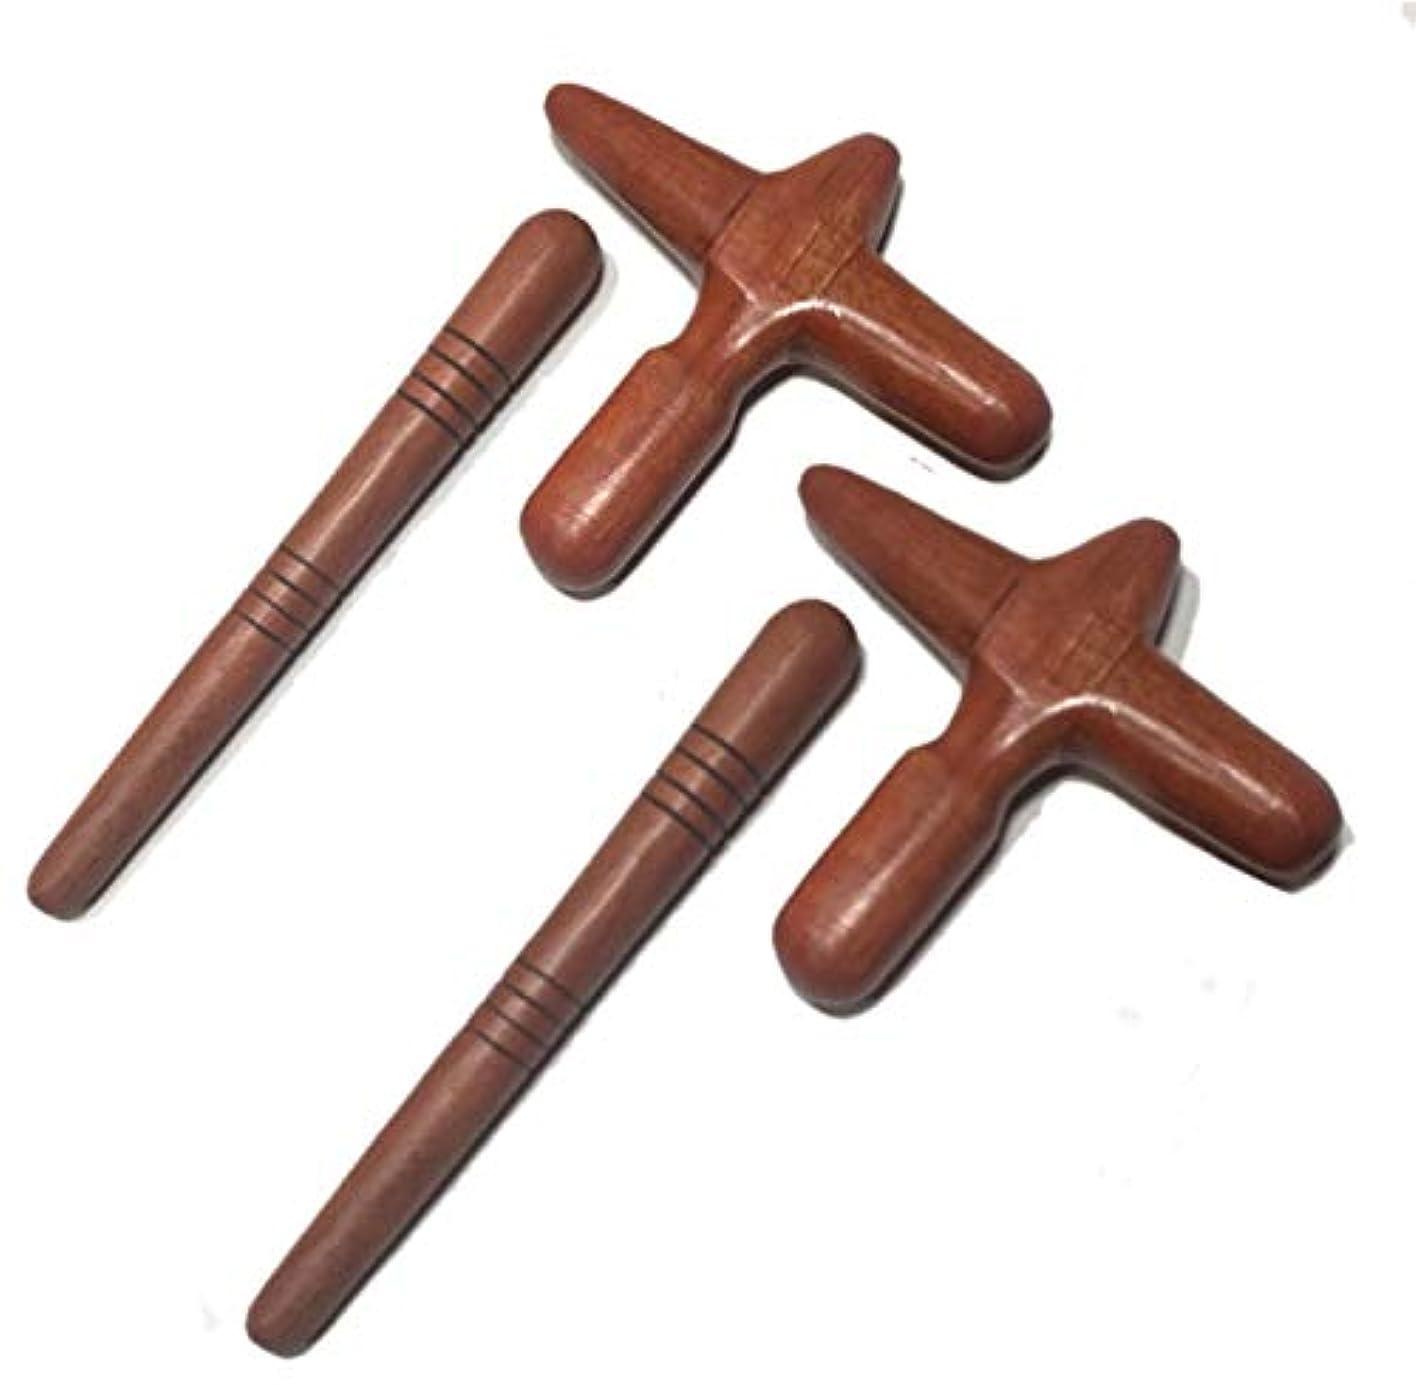 シャツ猟犬フリース木製 ツボ押し棒 2種類×2セット 足裏マッサージ棒 足つぼ フットマッサージ棒 (2)